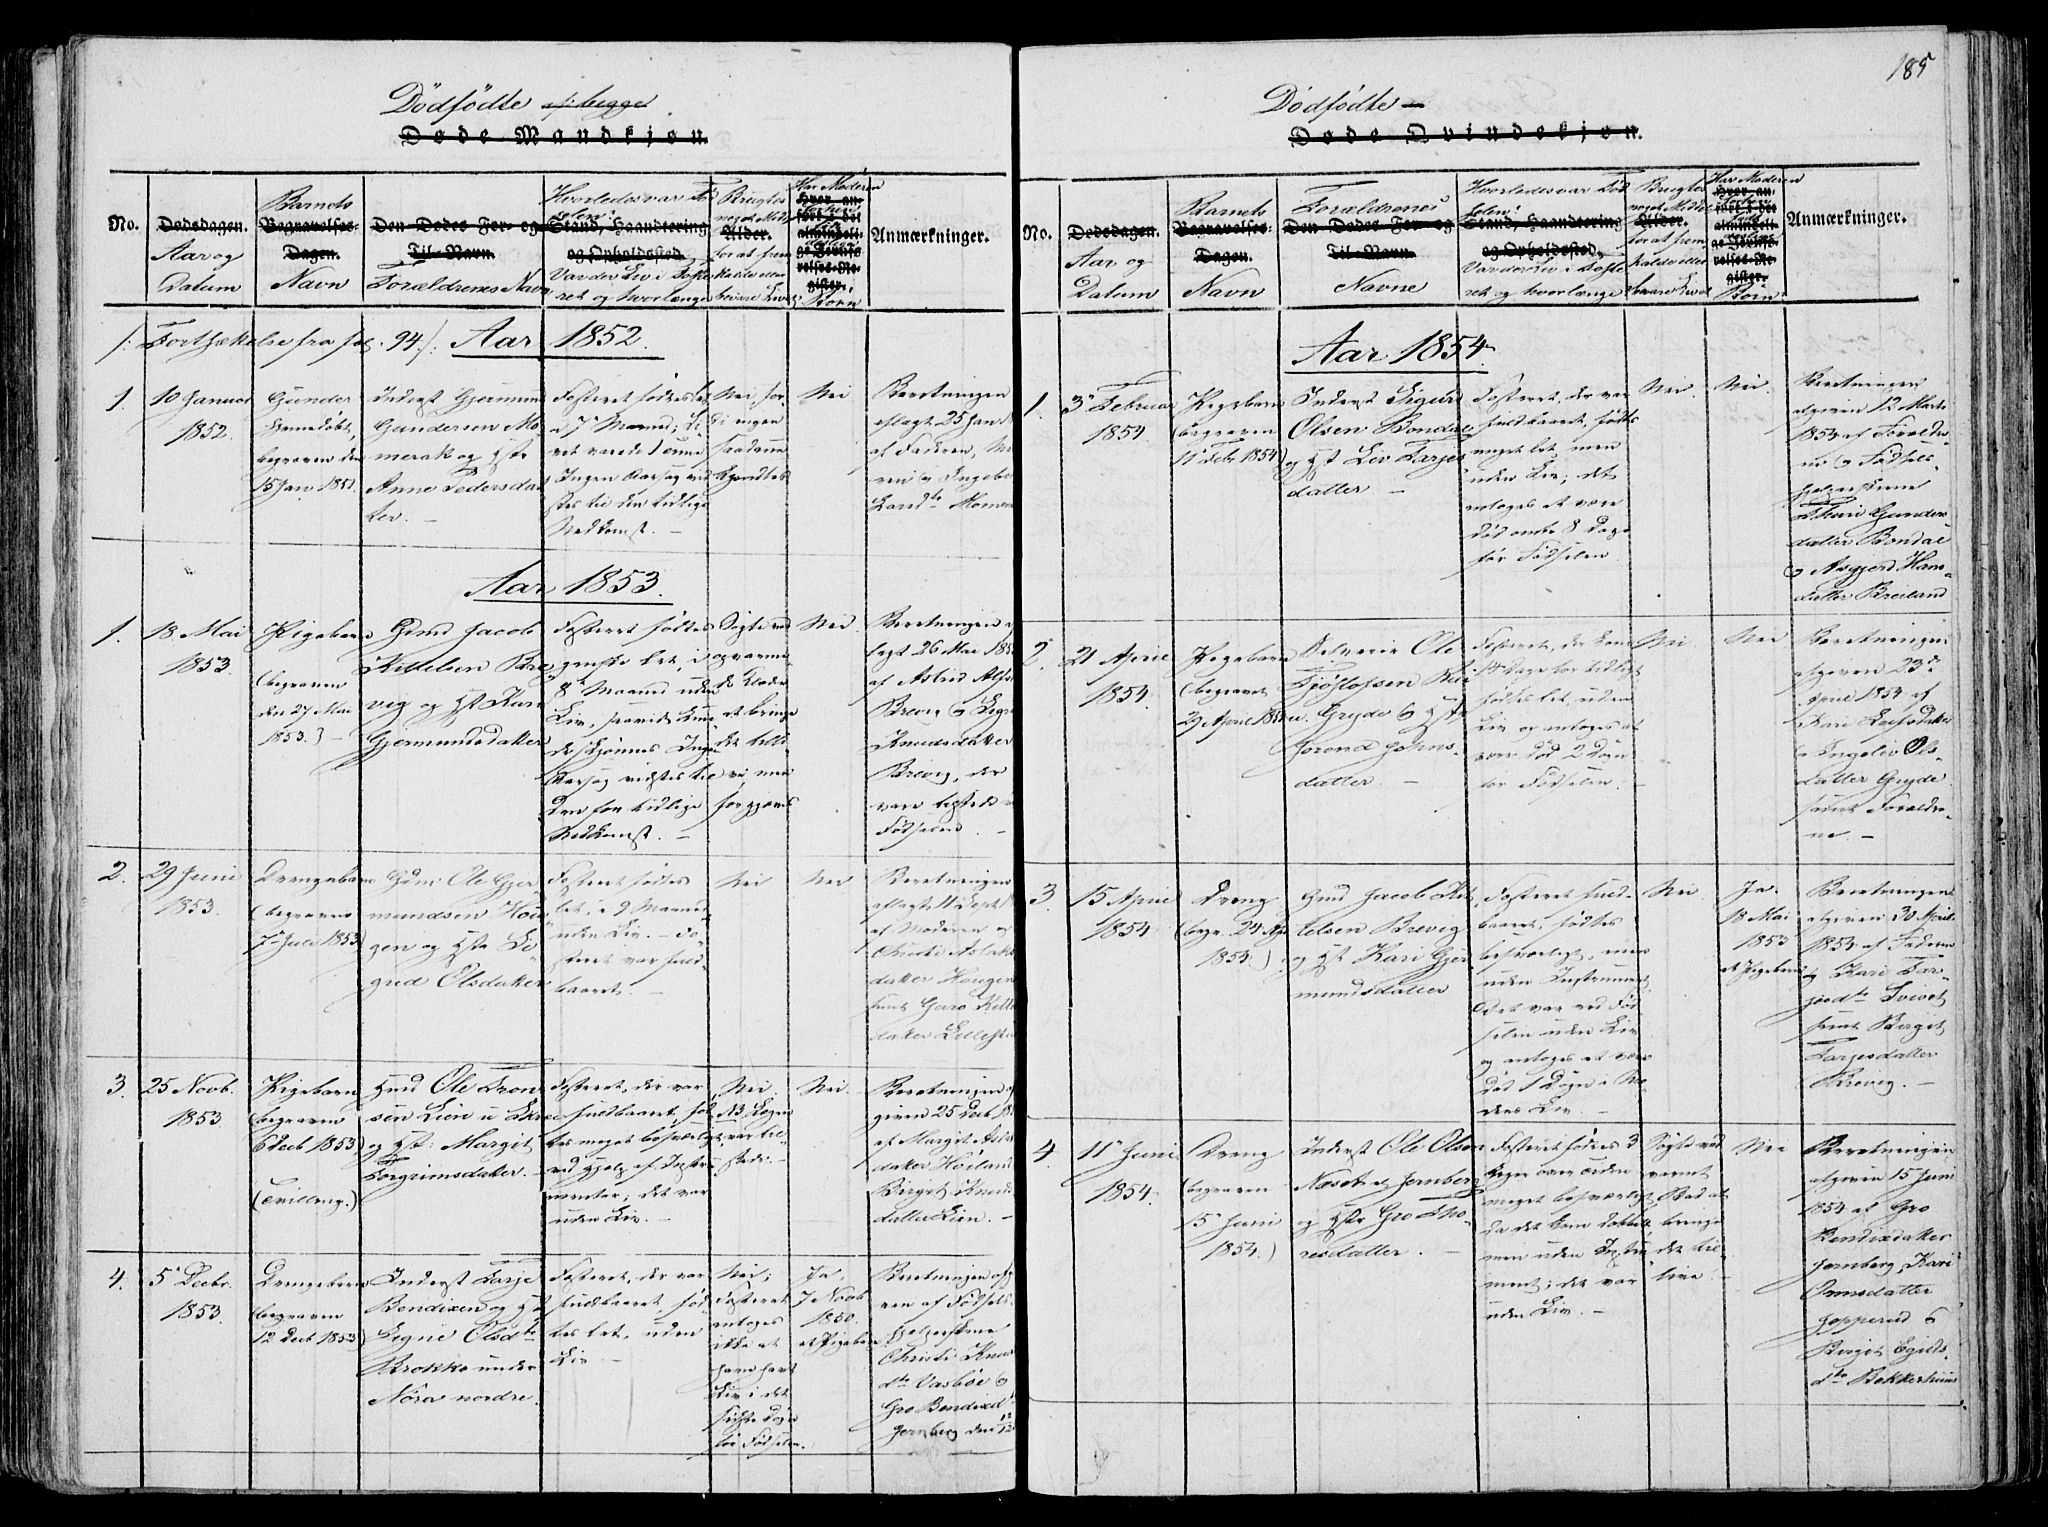 SAKO, Fyresdal kirkebøker, F/Fa/L0004: Ministerialbok nr. I 4, 1815-1854, s. 185